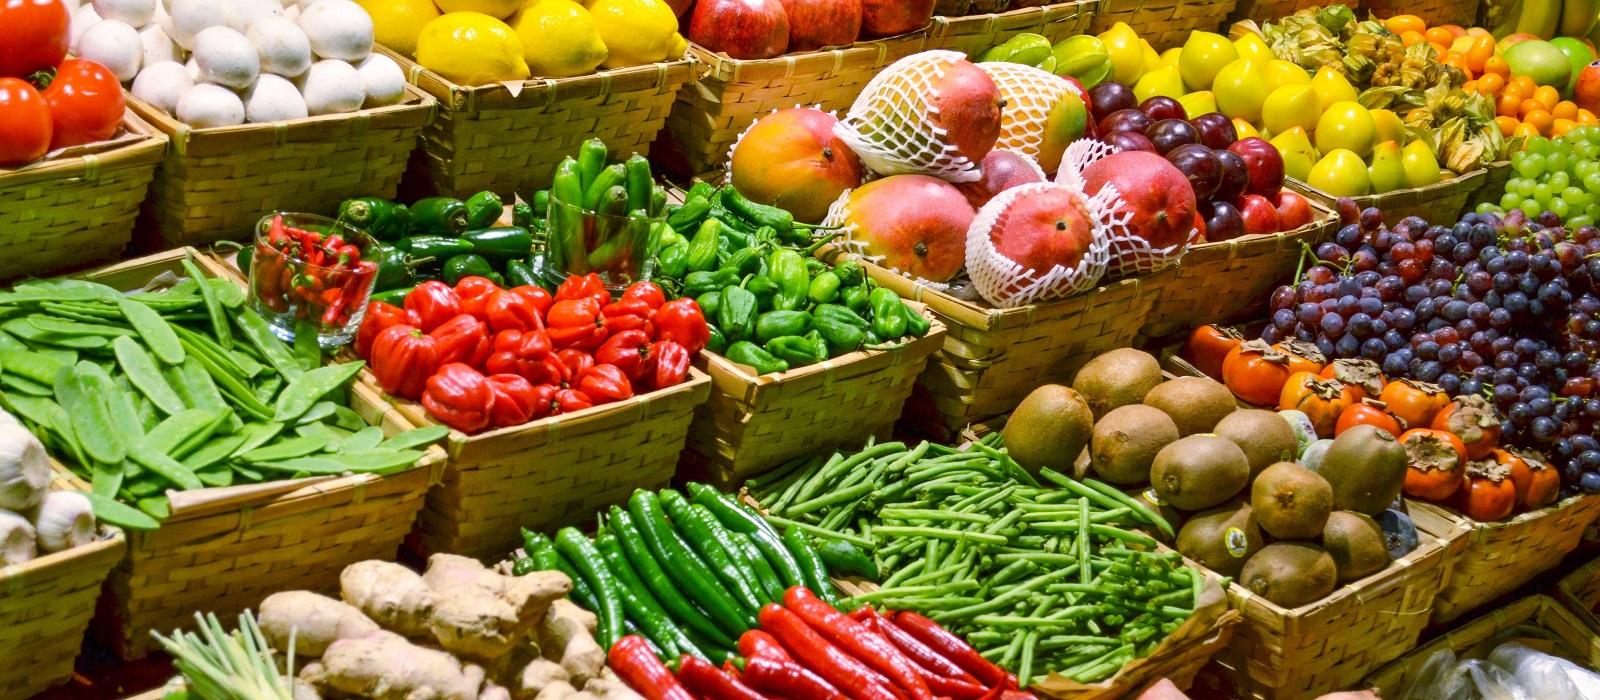 Hình ảnh hàng rau củ quả